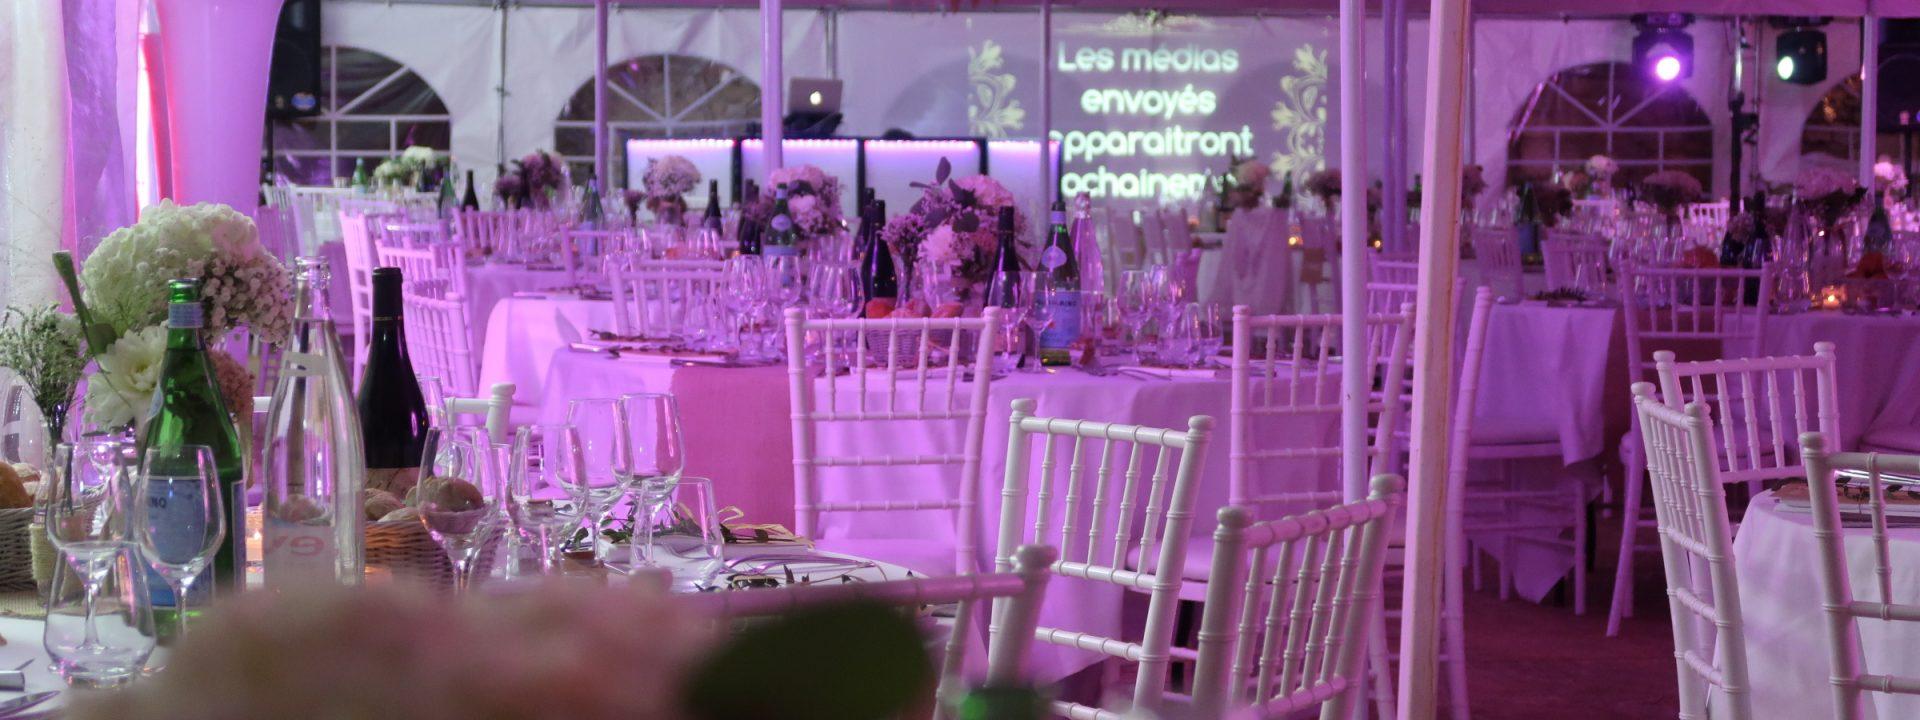 château pechrigal, cahors evenement, dj cahors, illumination, mise en lumière,mariage, réception, dj